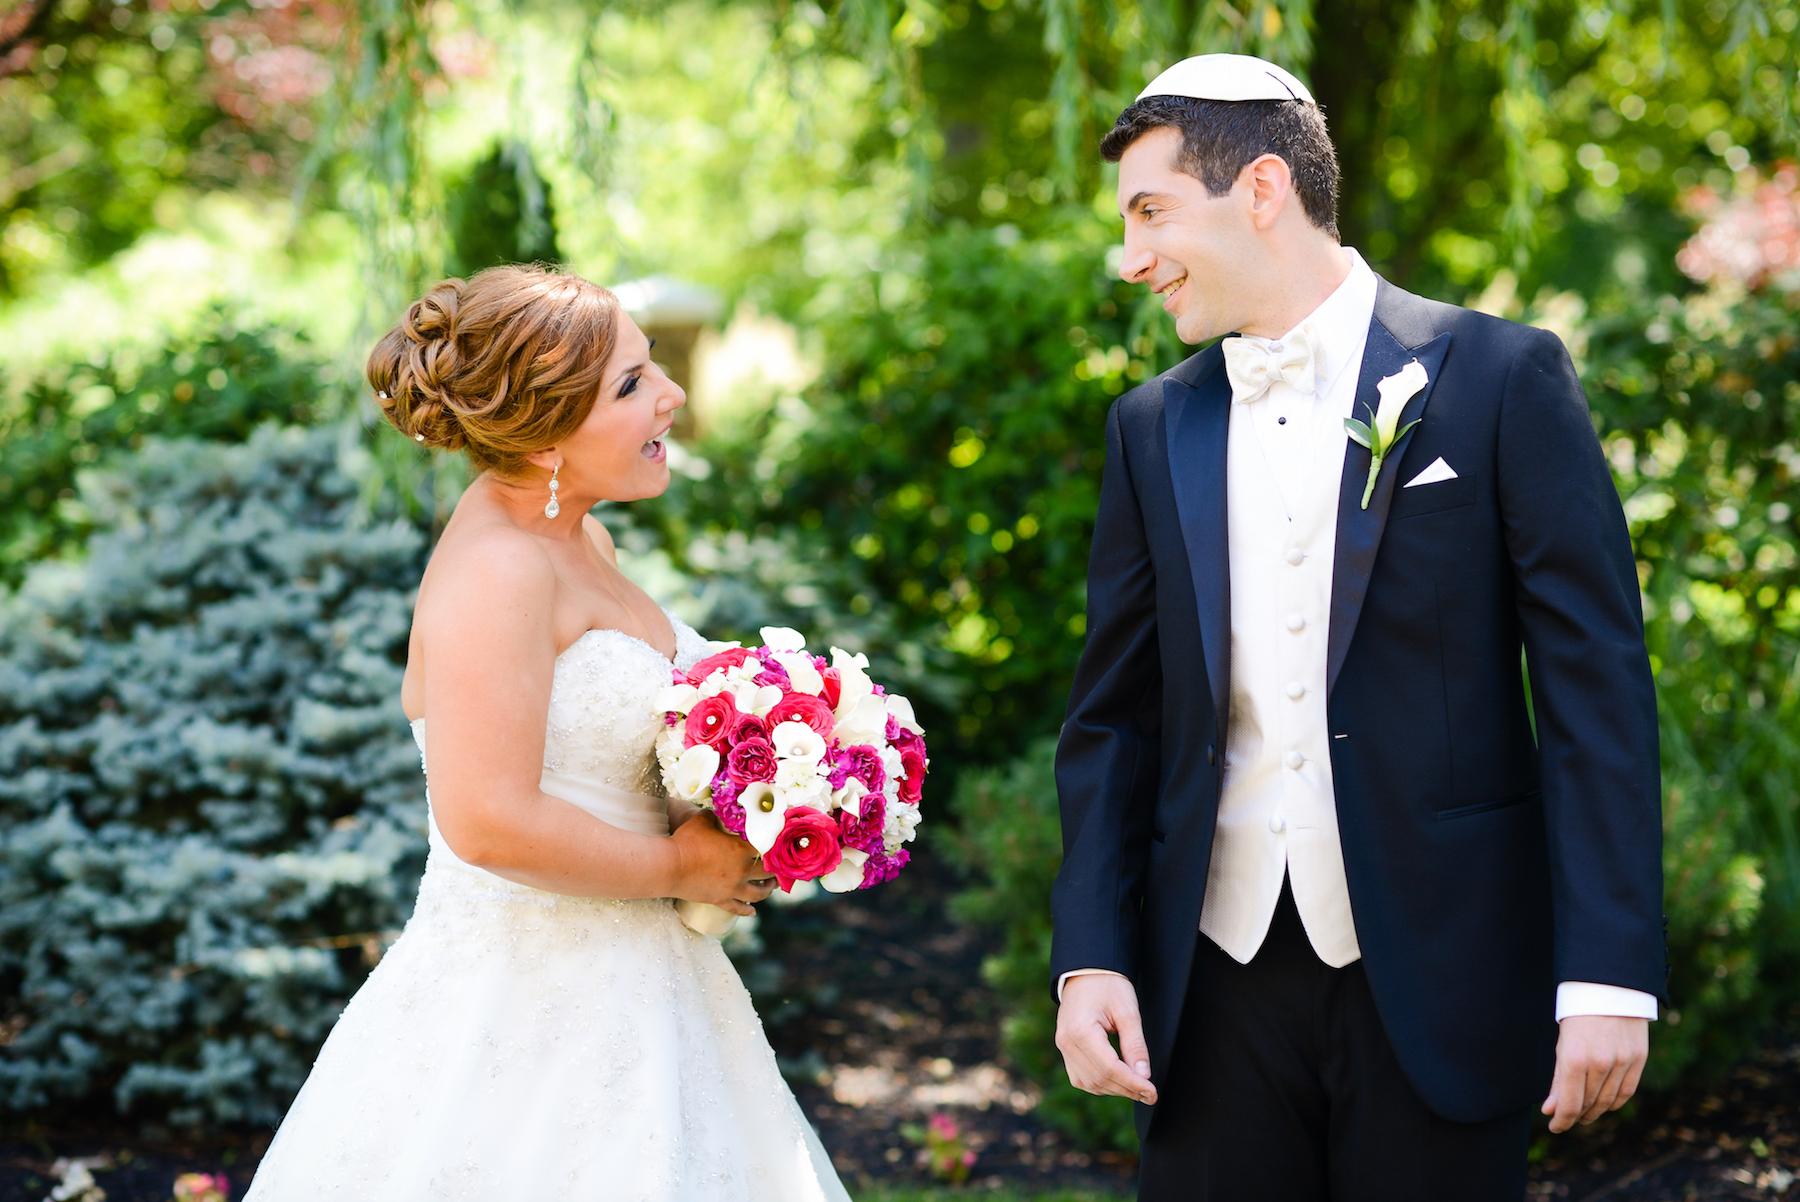 rockleigh-country-club-wedding-veroluce-photos-15